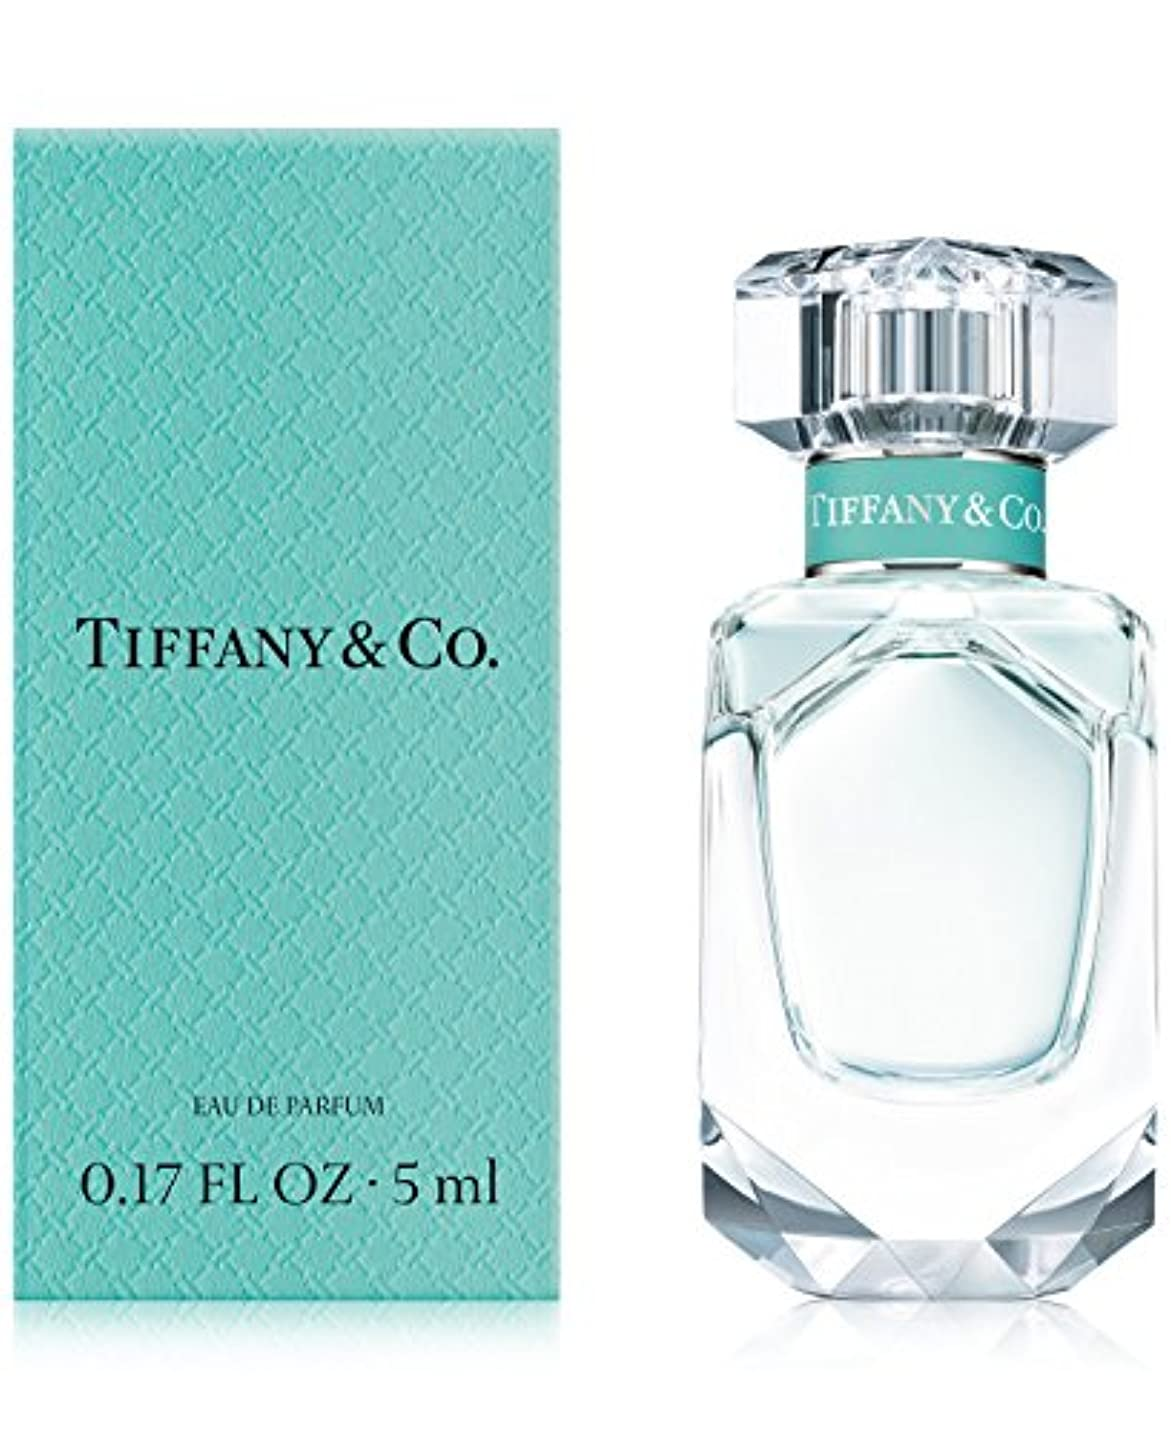 マイルストーンキノコブートTiffany&Co. ティファニー 香水 オードパルファム 5ml ミニサイズ